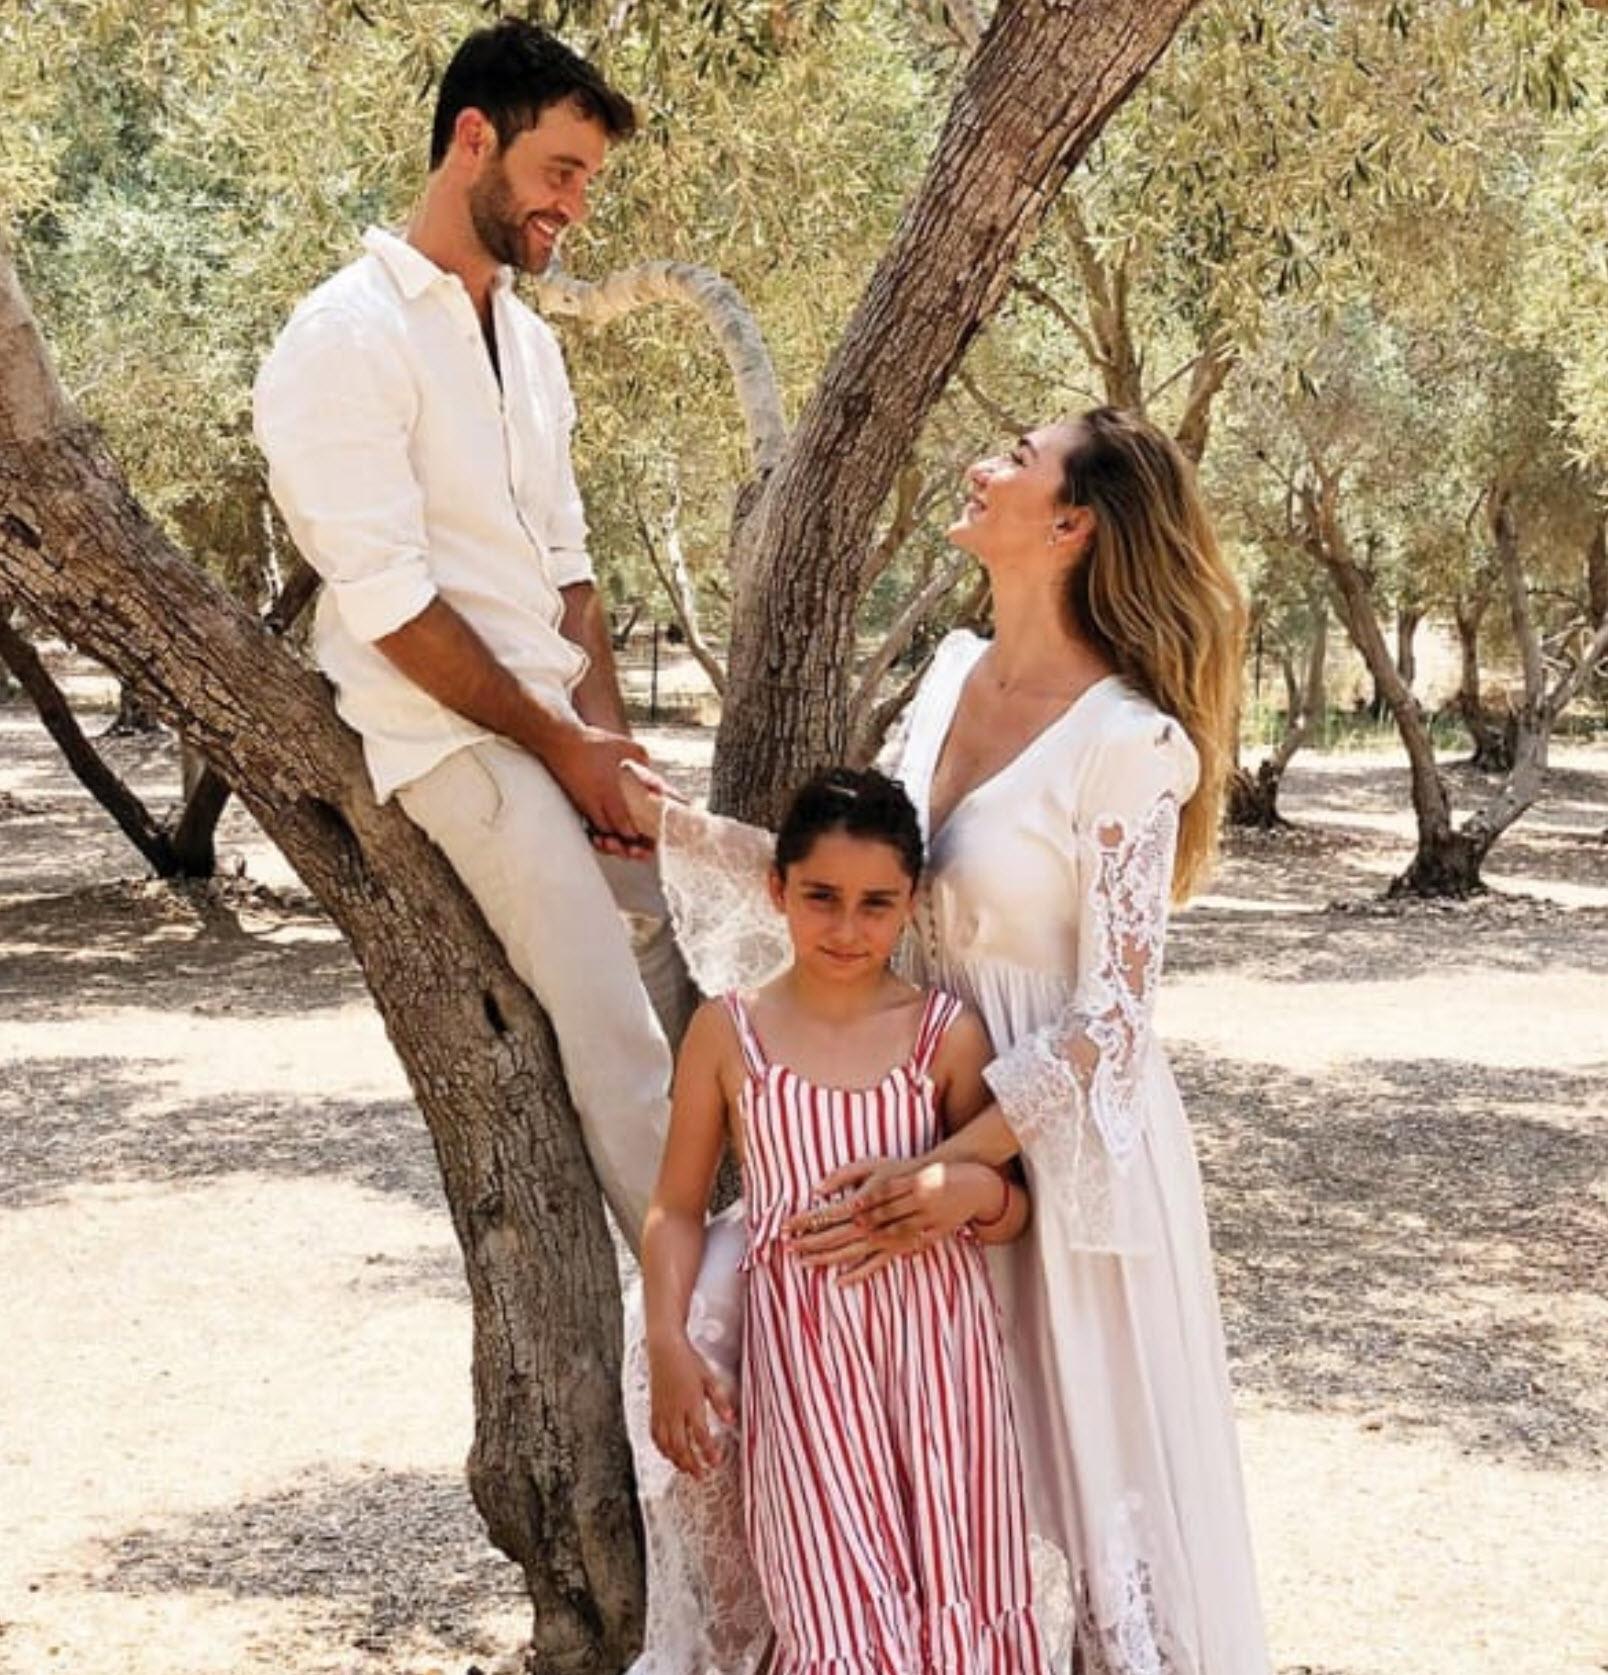 הפתיעה אותנו: מיכל אנסקי חושפת מתי תתחתן בעקבות ההריון!